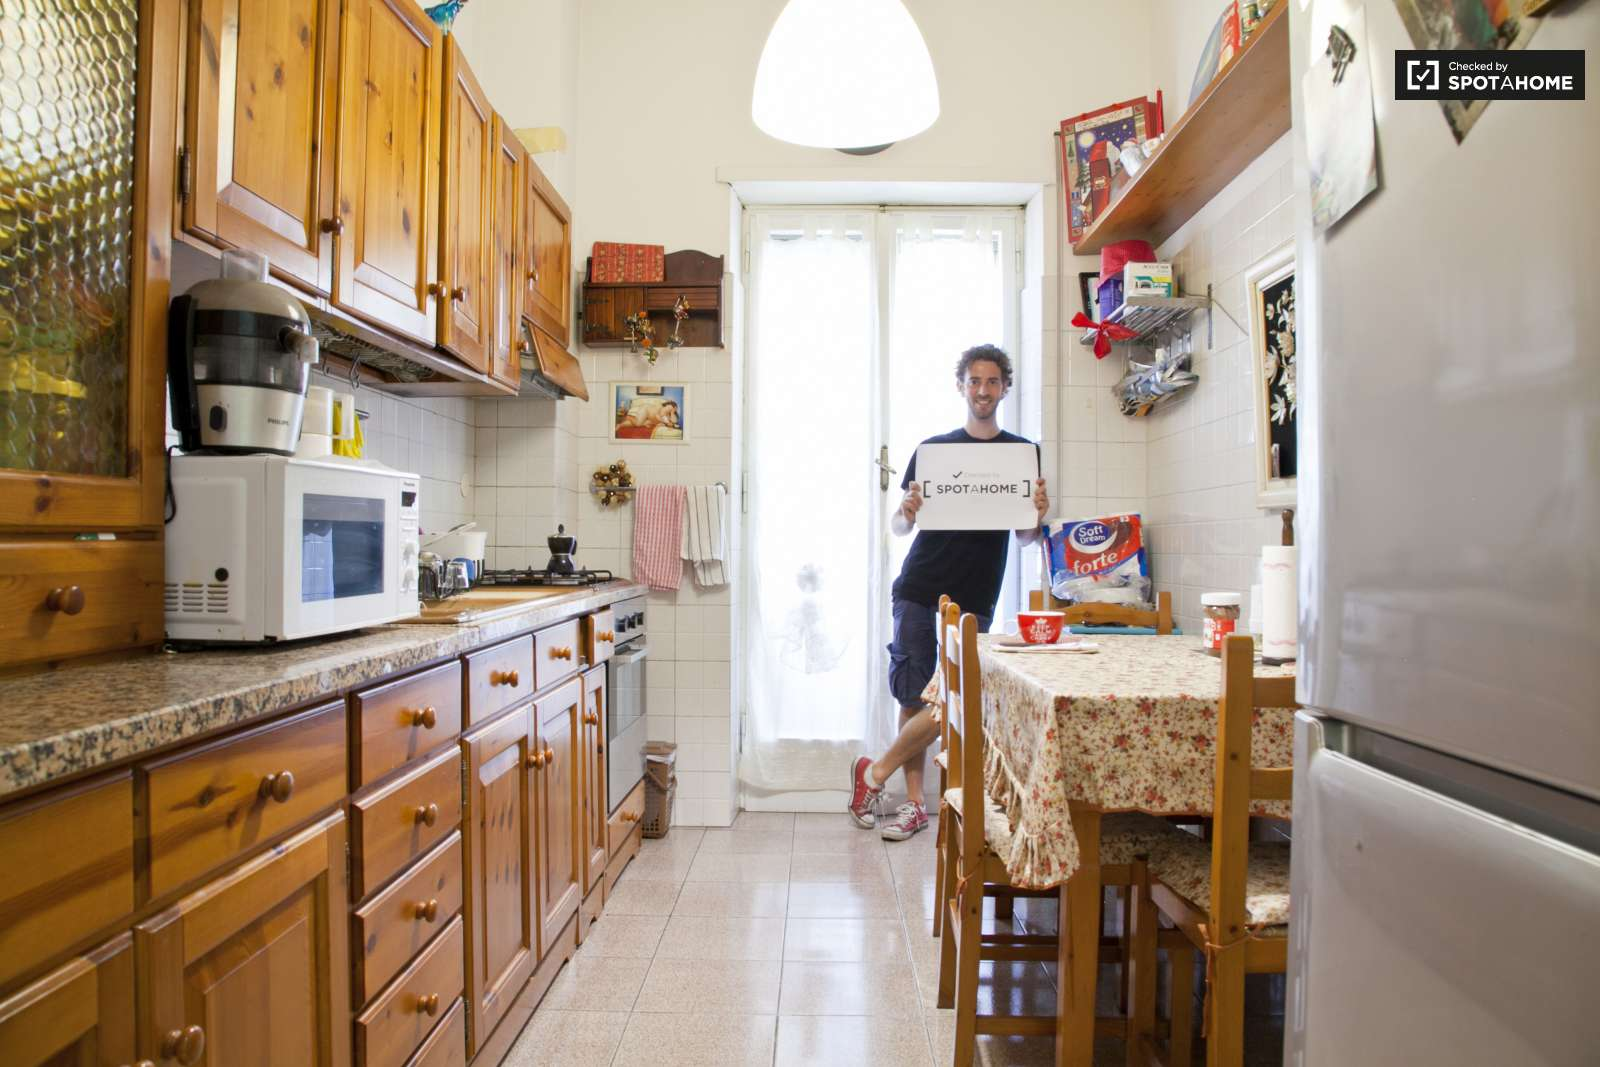 Stanza in affitto in un appartamento con 3 camere da letto a san giovanni roma ref 114543 - Affitto appartamento bologna 3 camere da letto ...